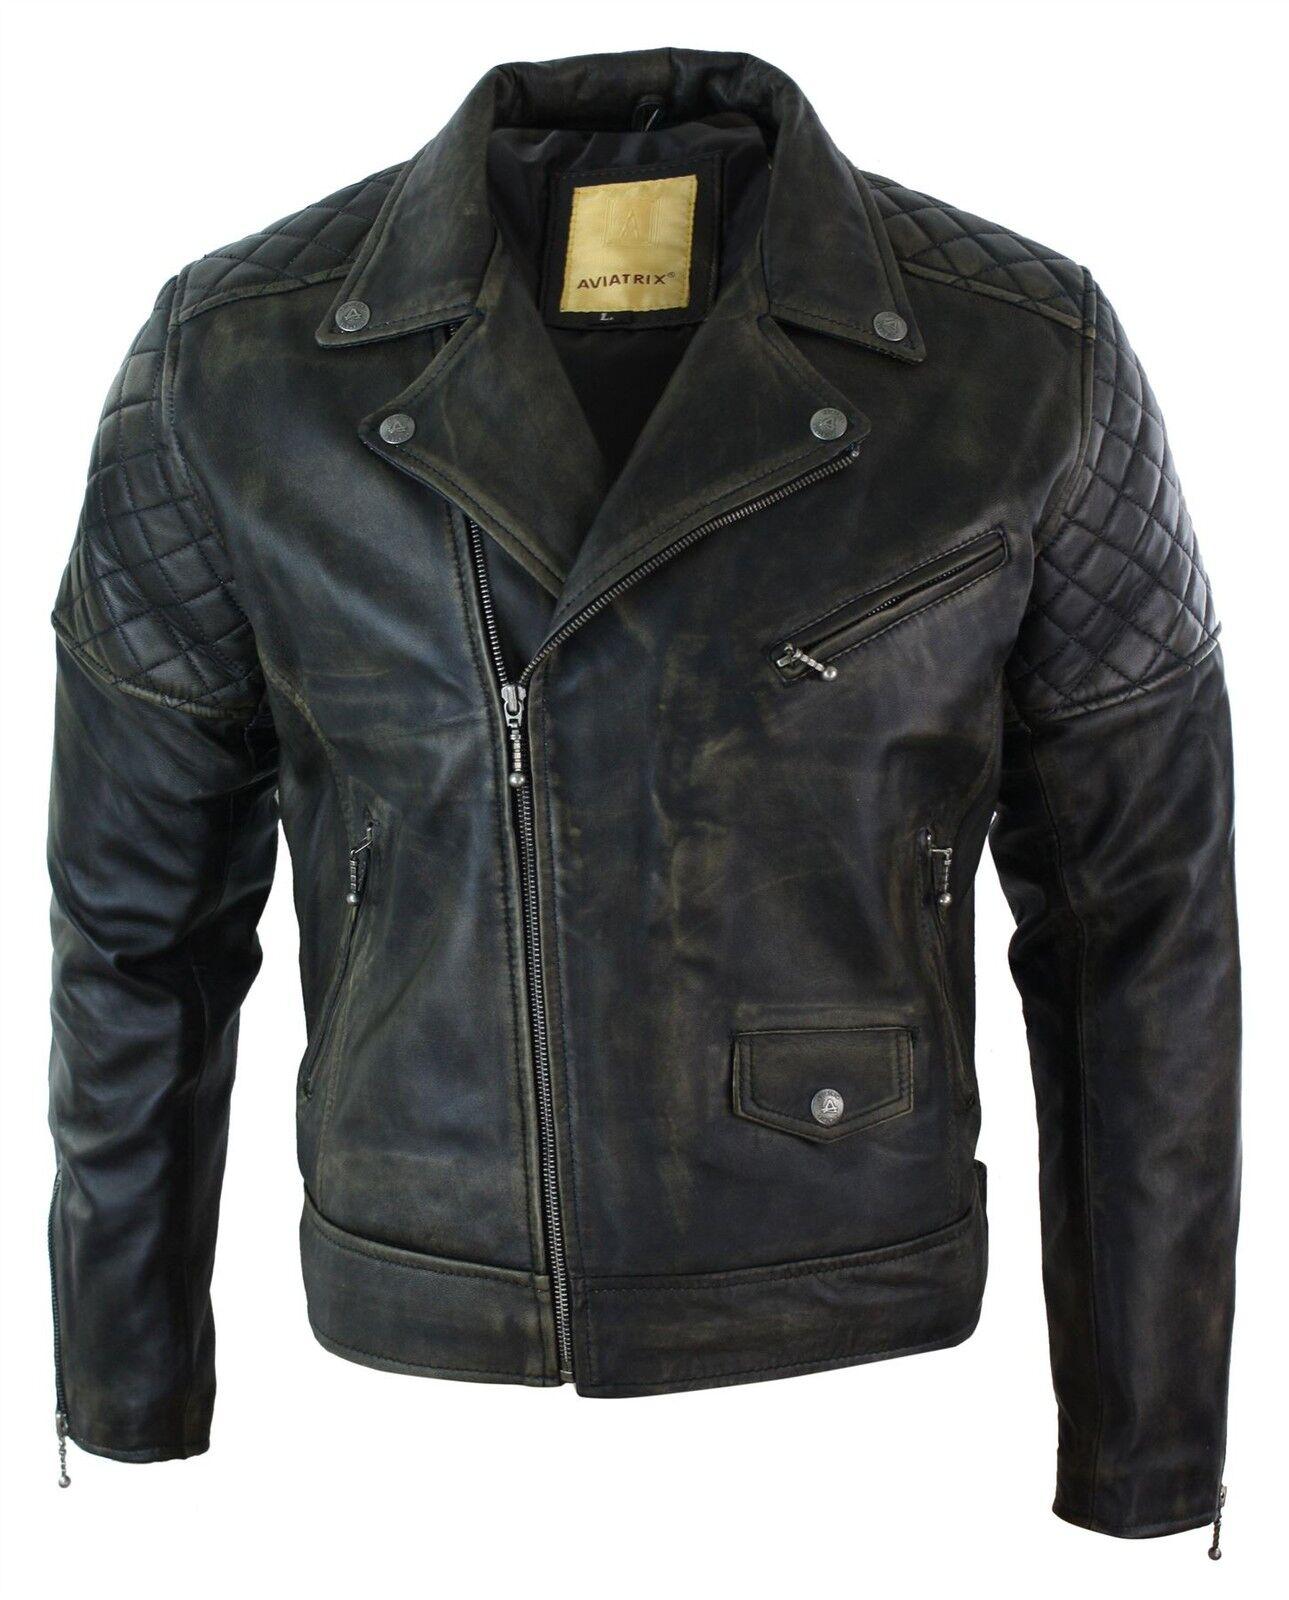 Blouson homme cuir véritable fermeture zip diagonale noir marron style vieilli